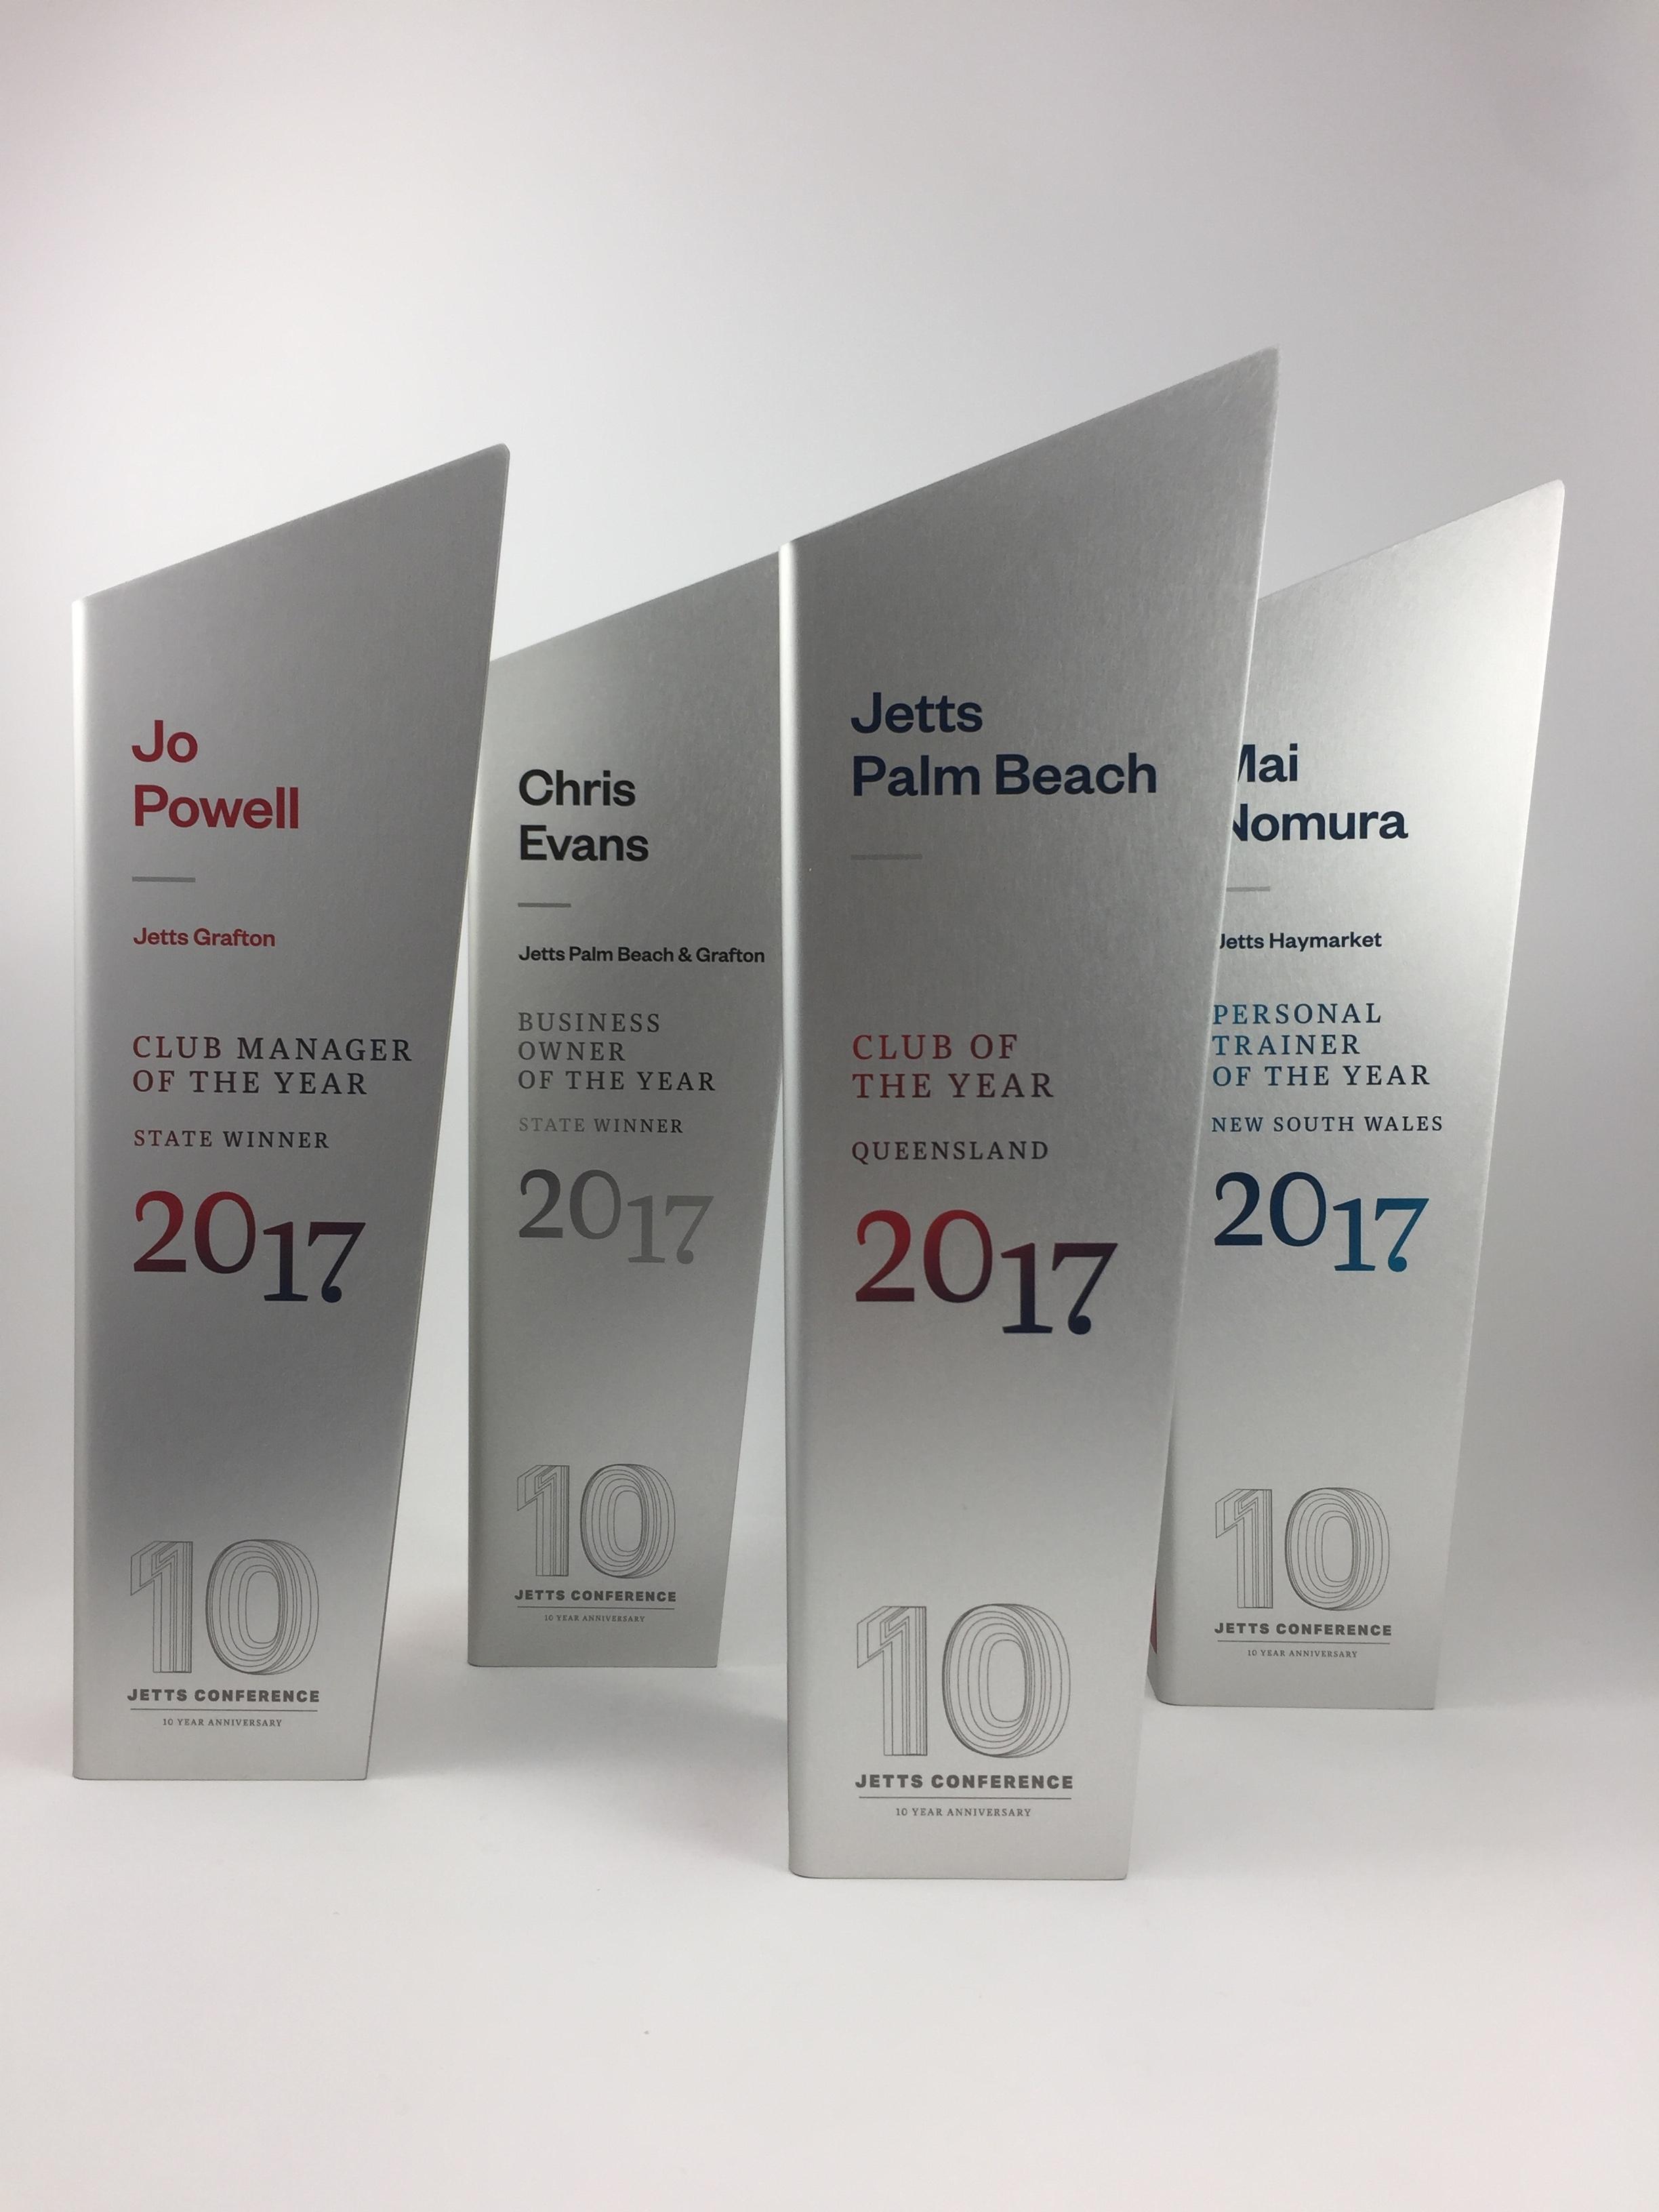 Jetts-eco-aluminium-trophy-award-07.jpg